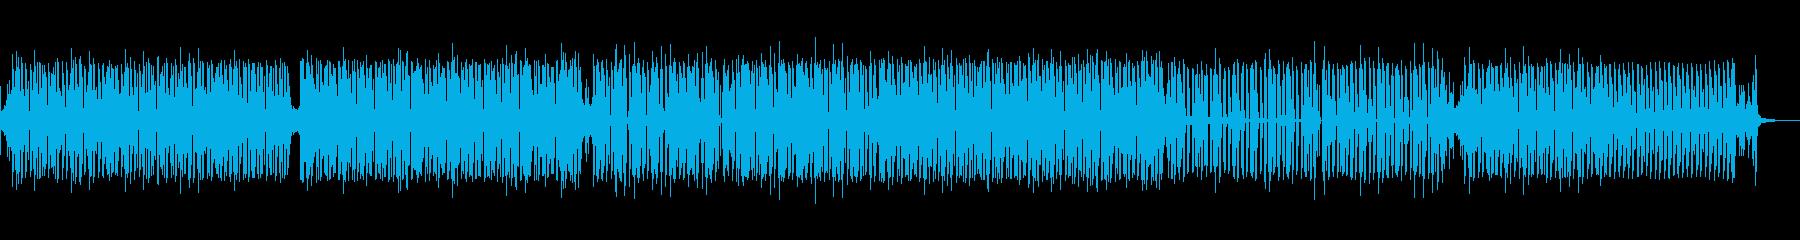 Djダド。ピアノロマンティックメロディ。の再生済みの波形